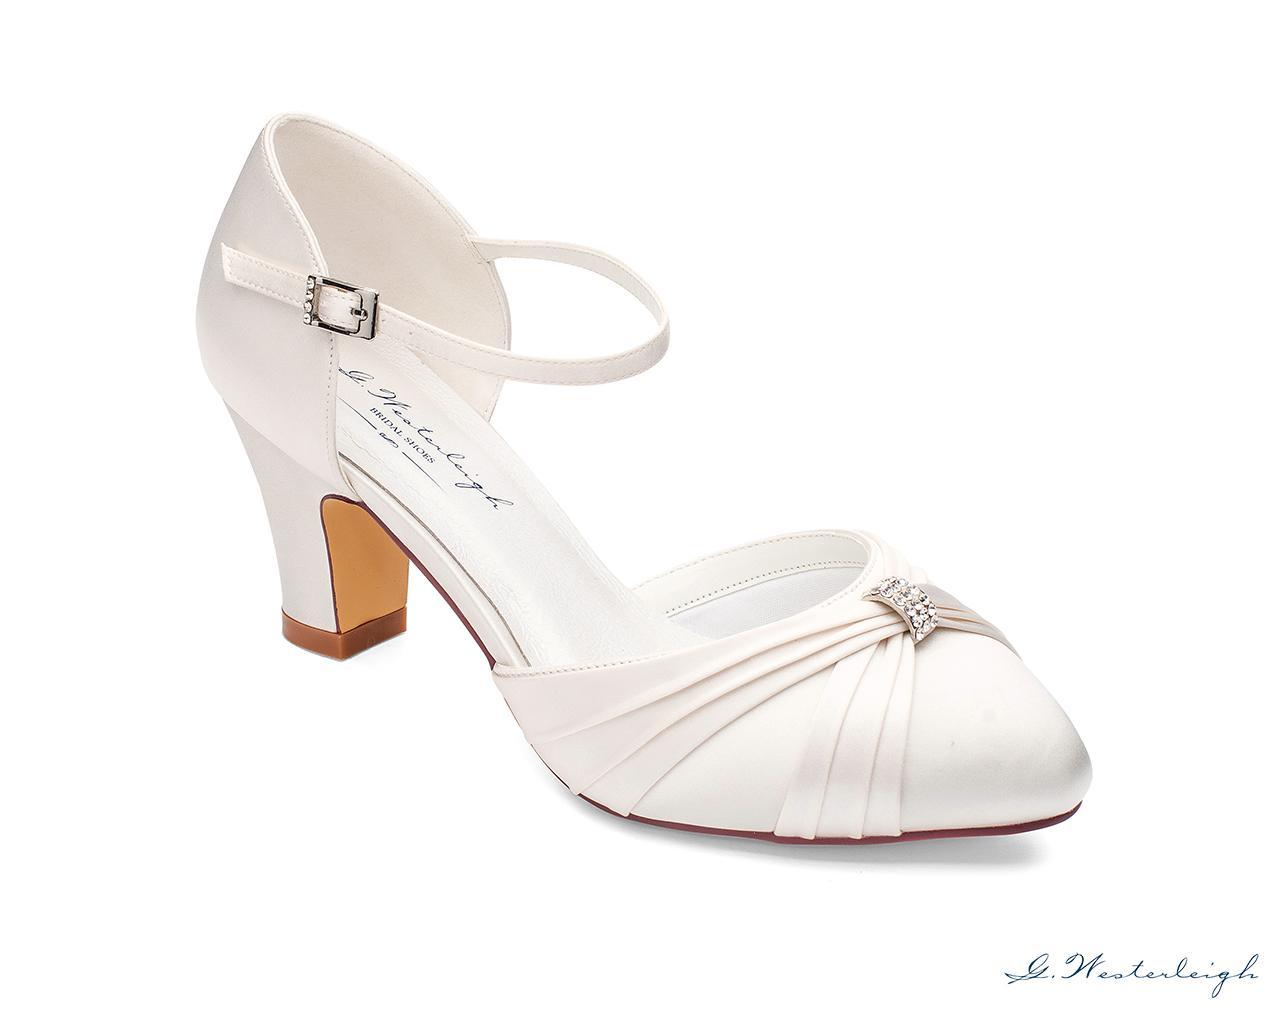 Svadobné topánky Luciana - Obrázok č. 1